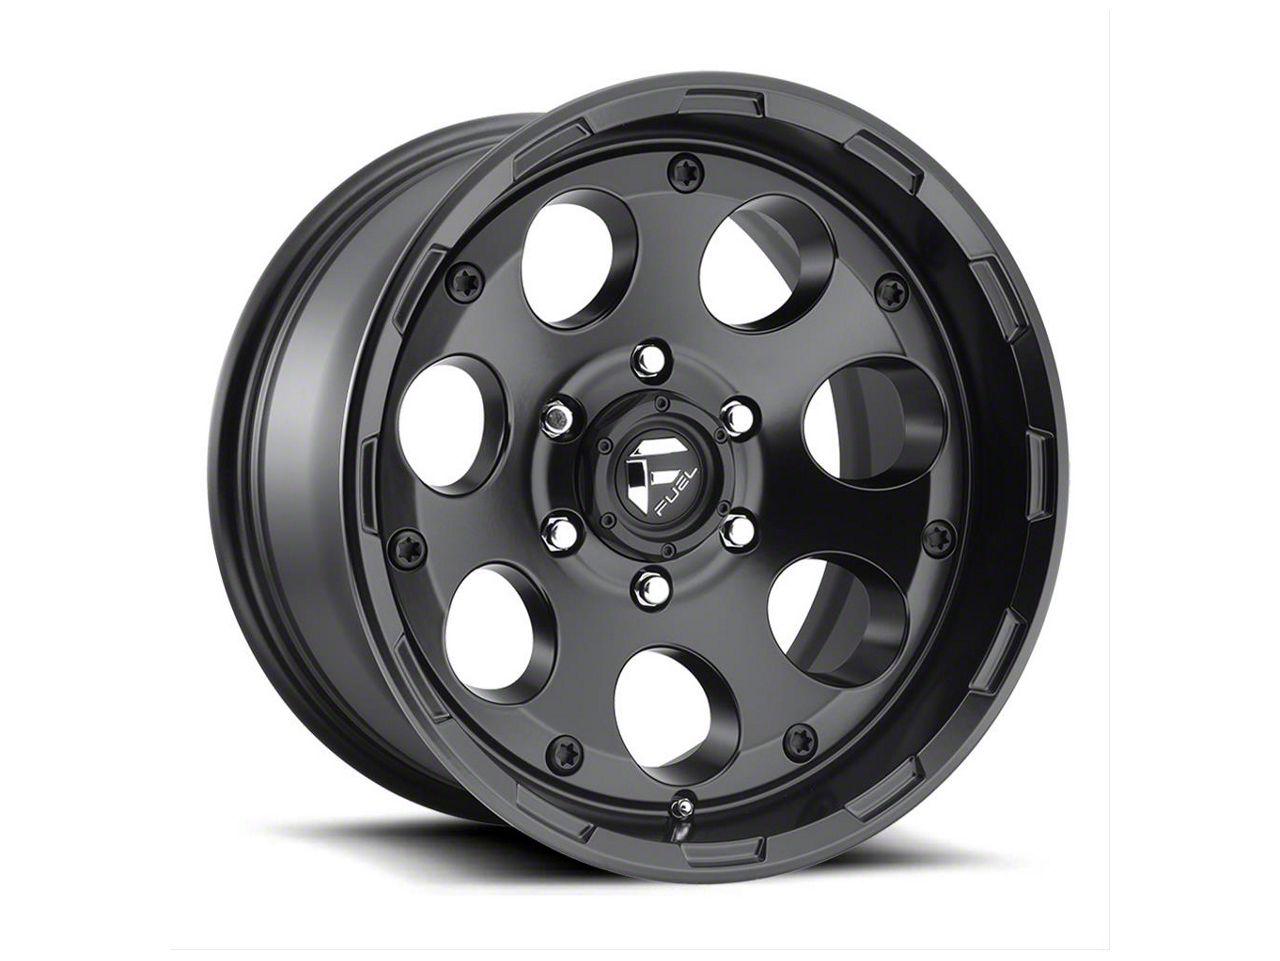 Fuel Wheels Enduro Matte Black 6-Lug Wheel - 20x9 (04-18 F-150)